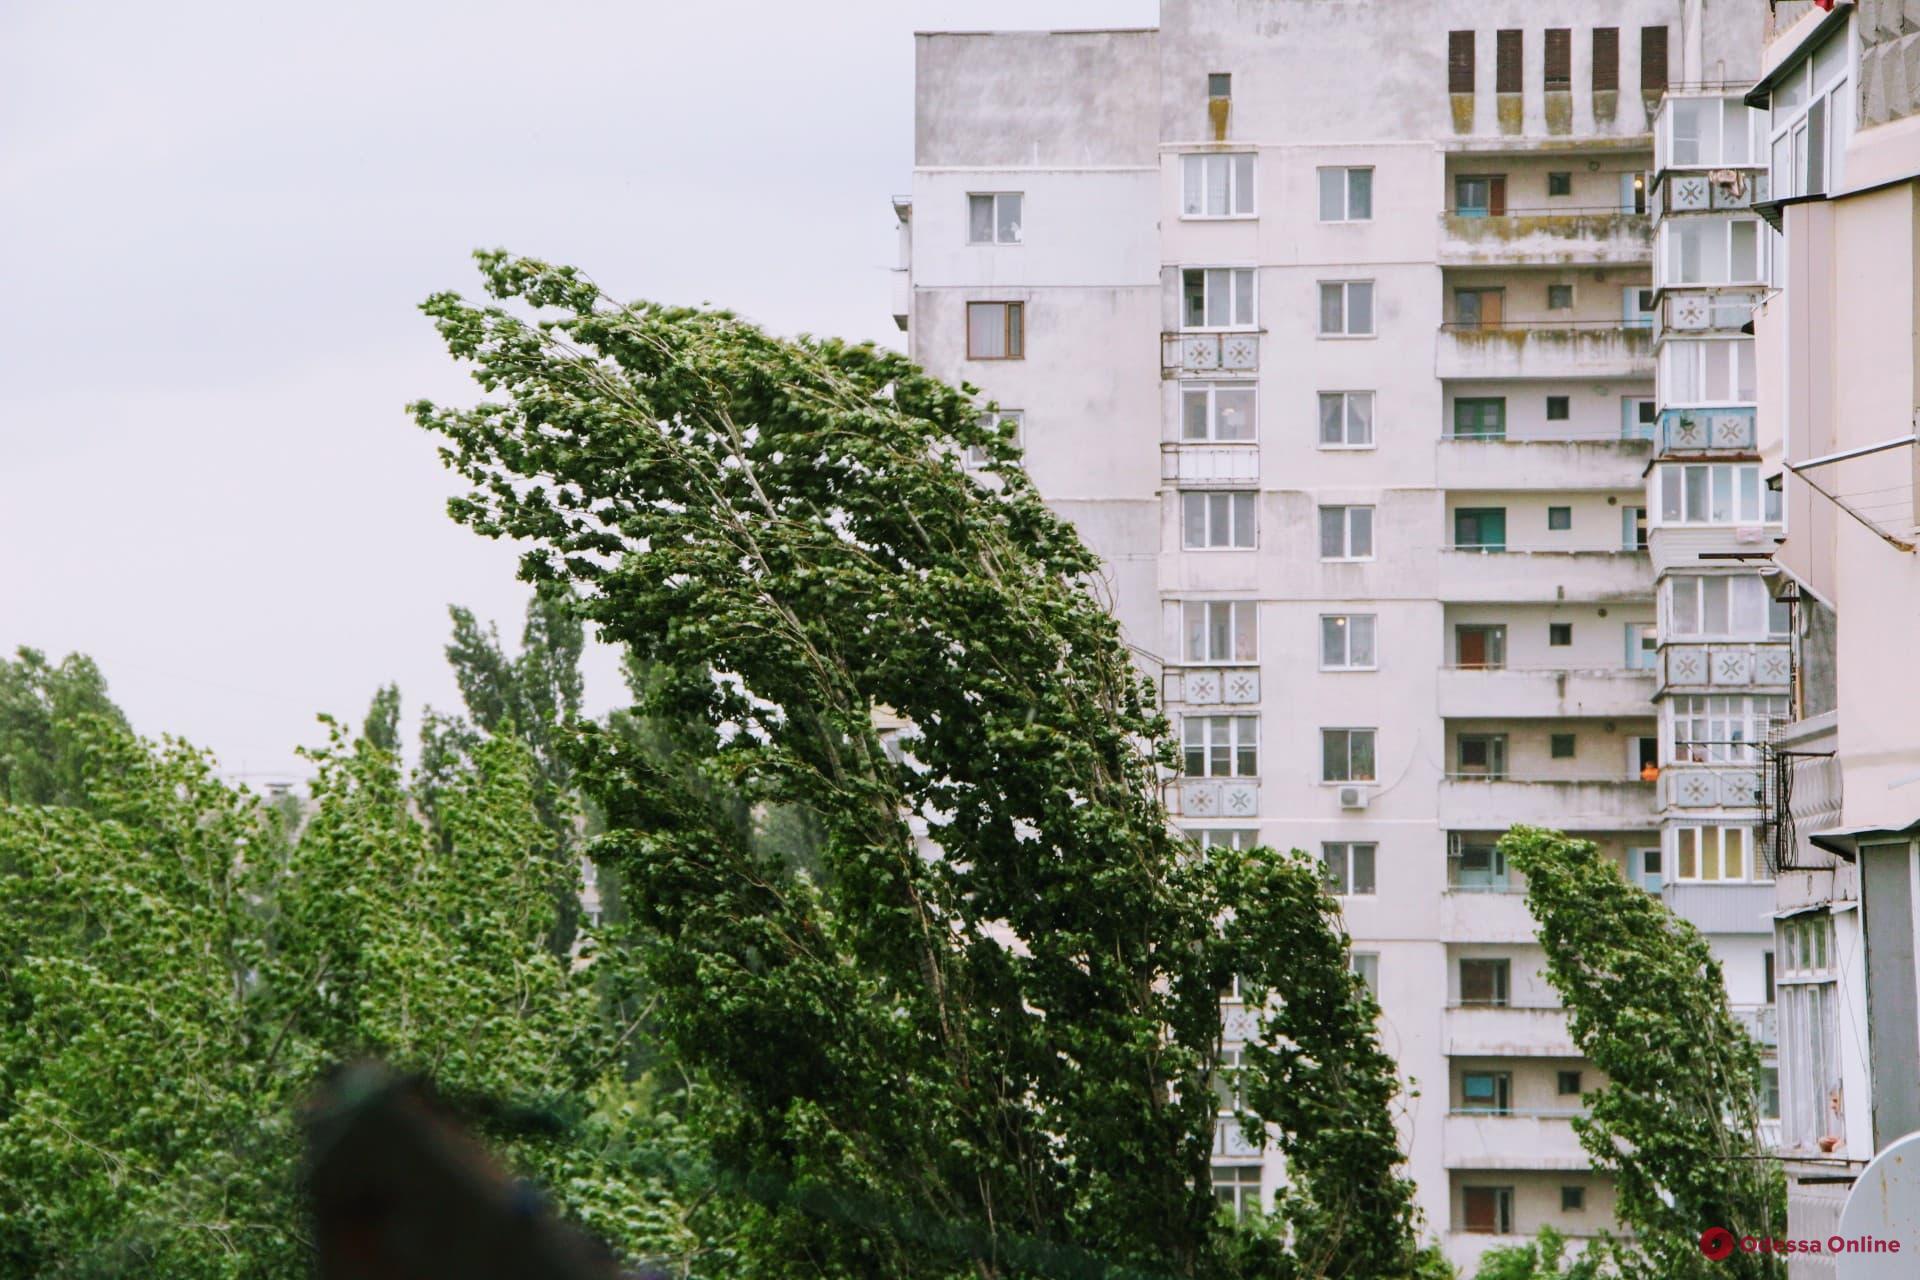 Дождь, гроза и шквальный ветер: в Одессе объявили штормовое предупреждение